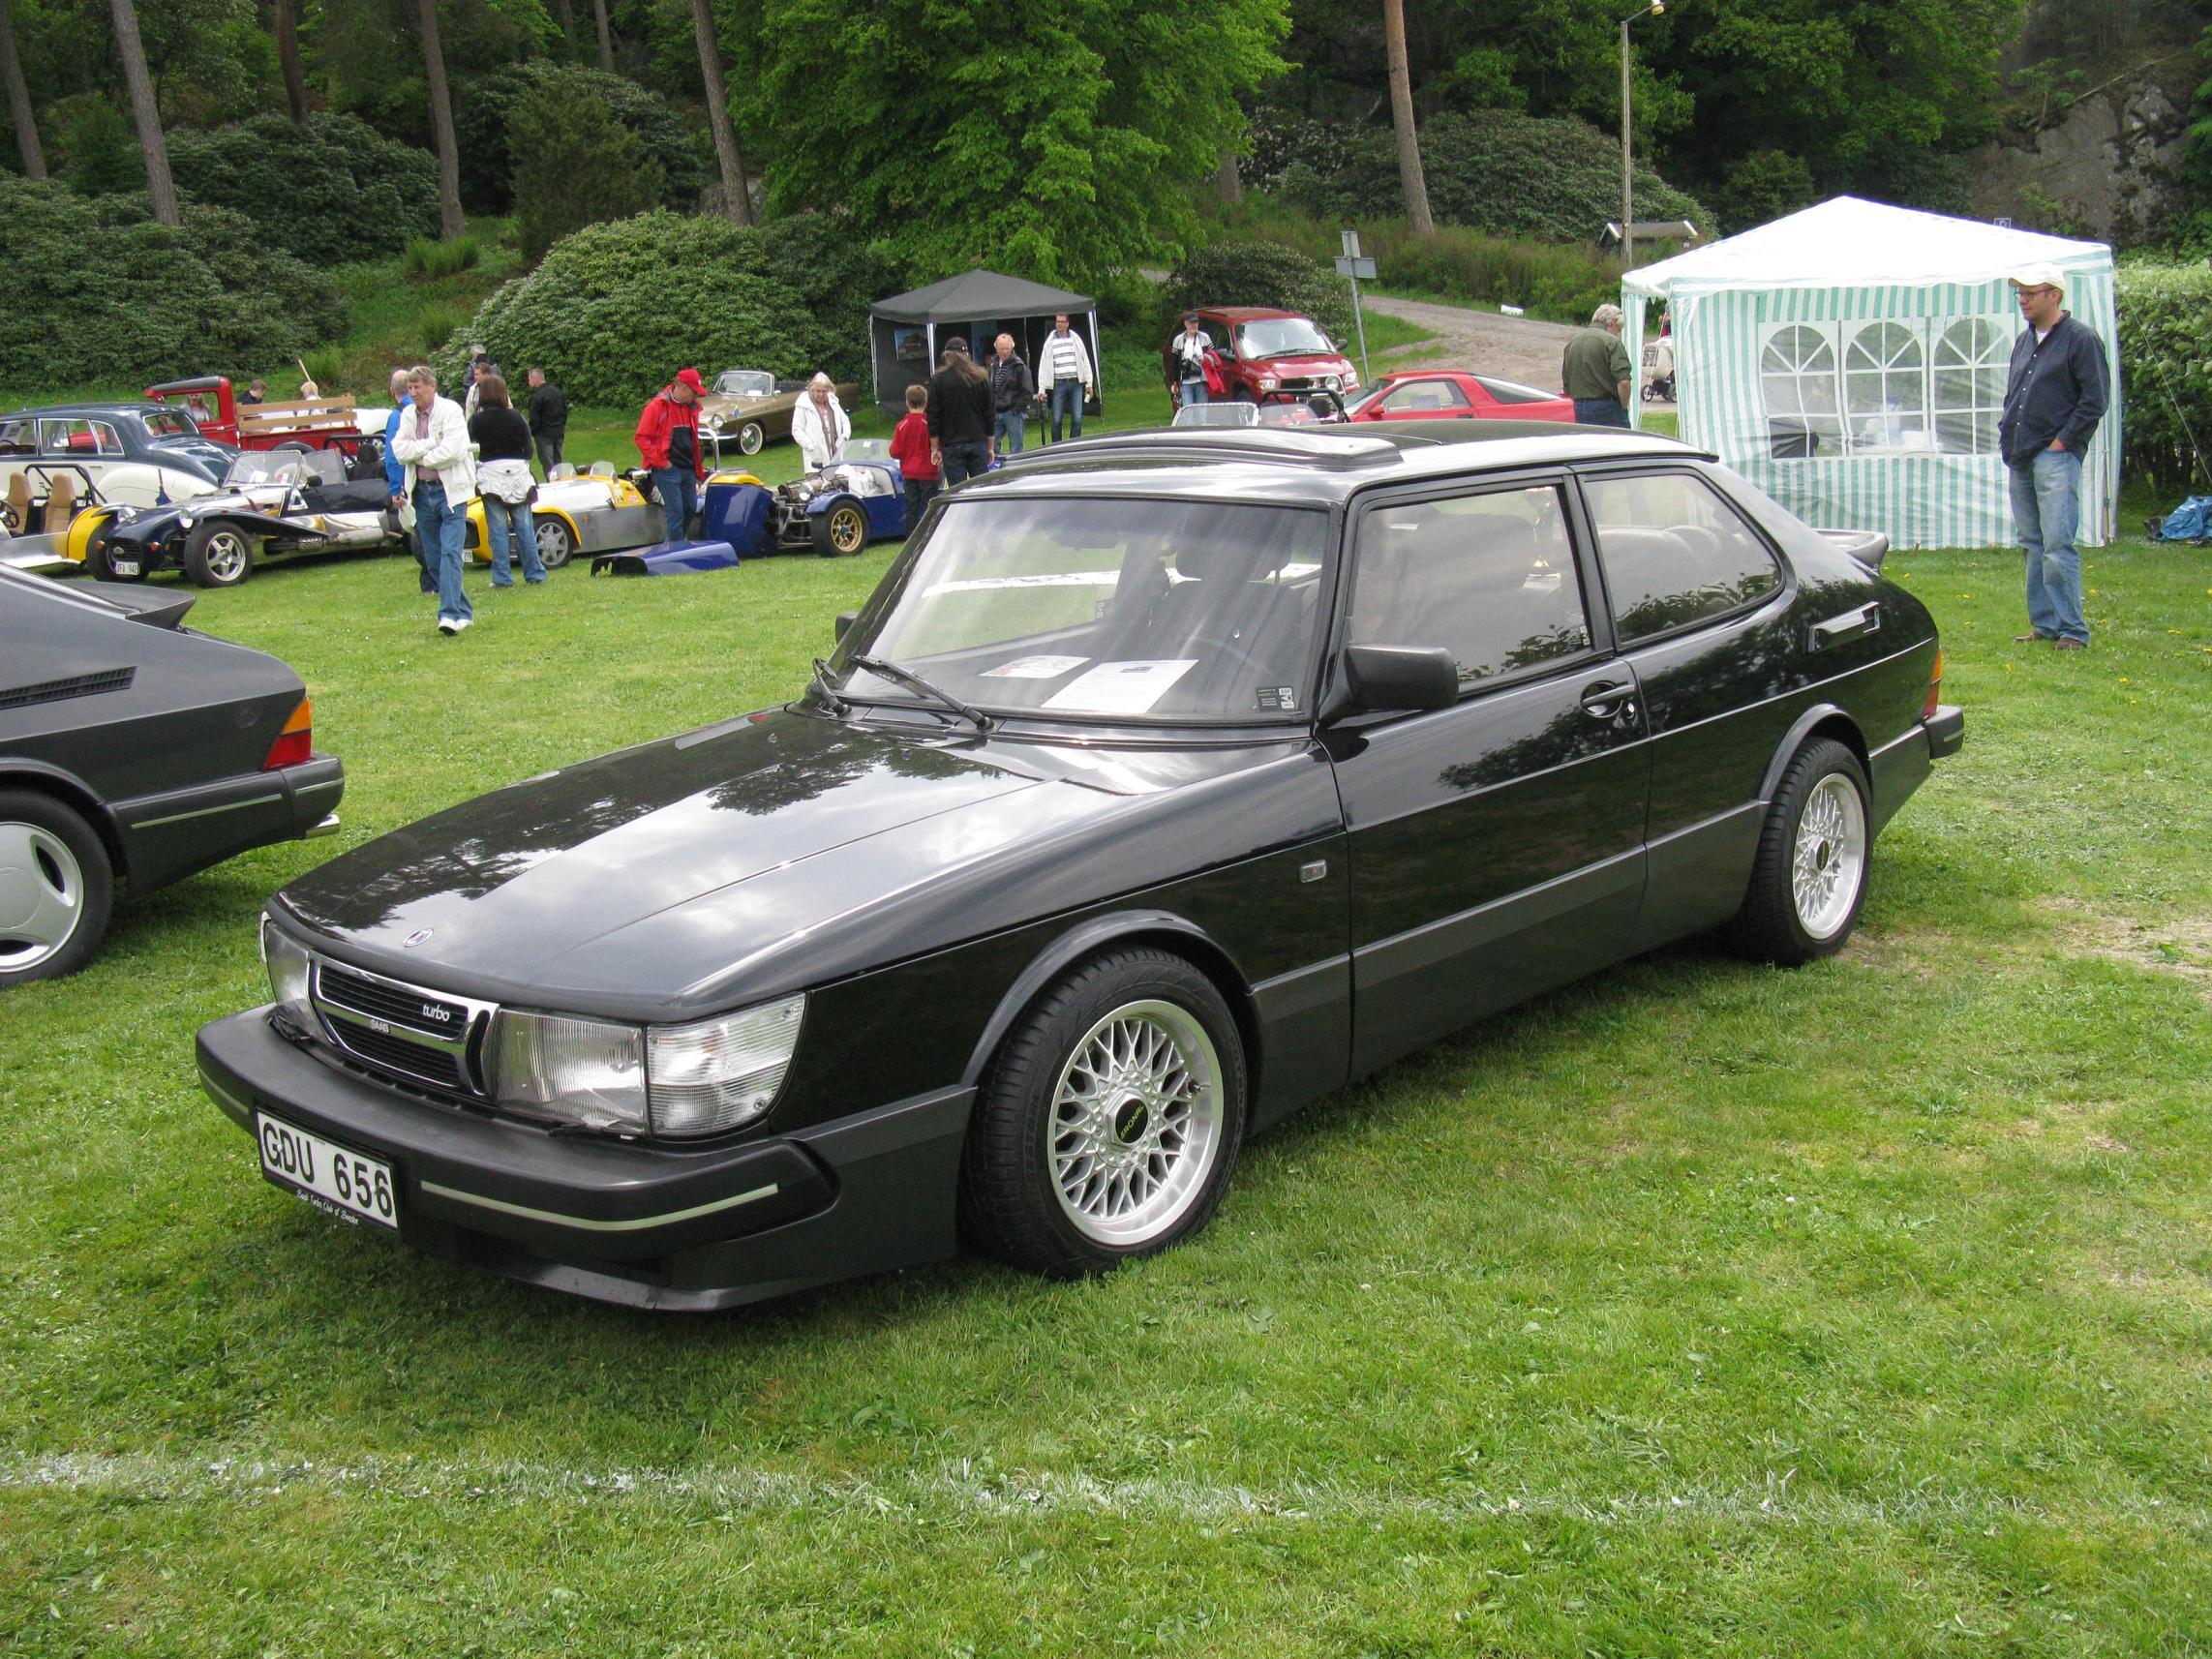 Saab S Cars